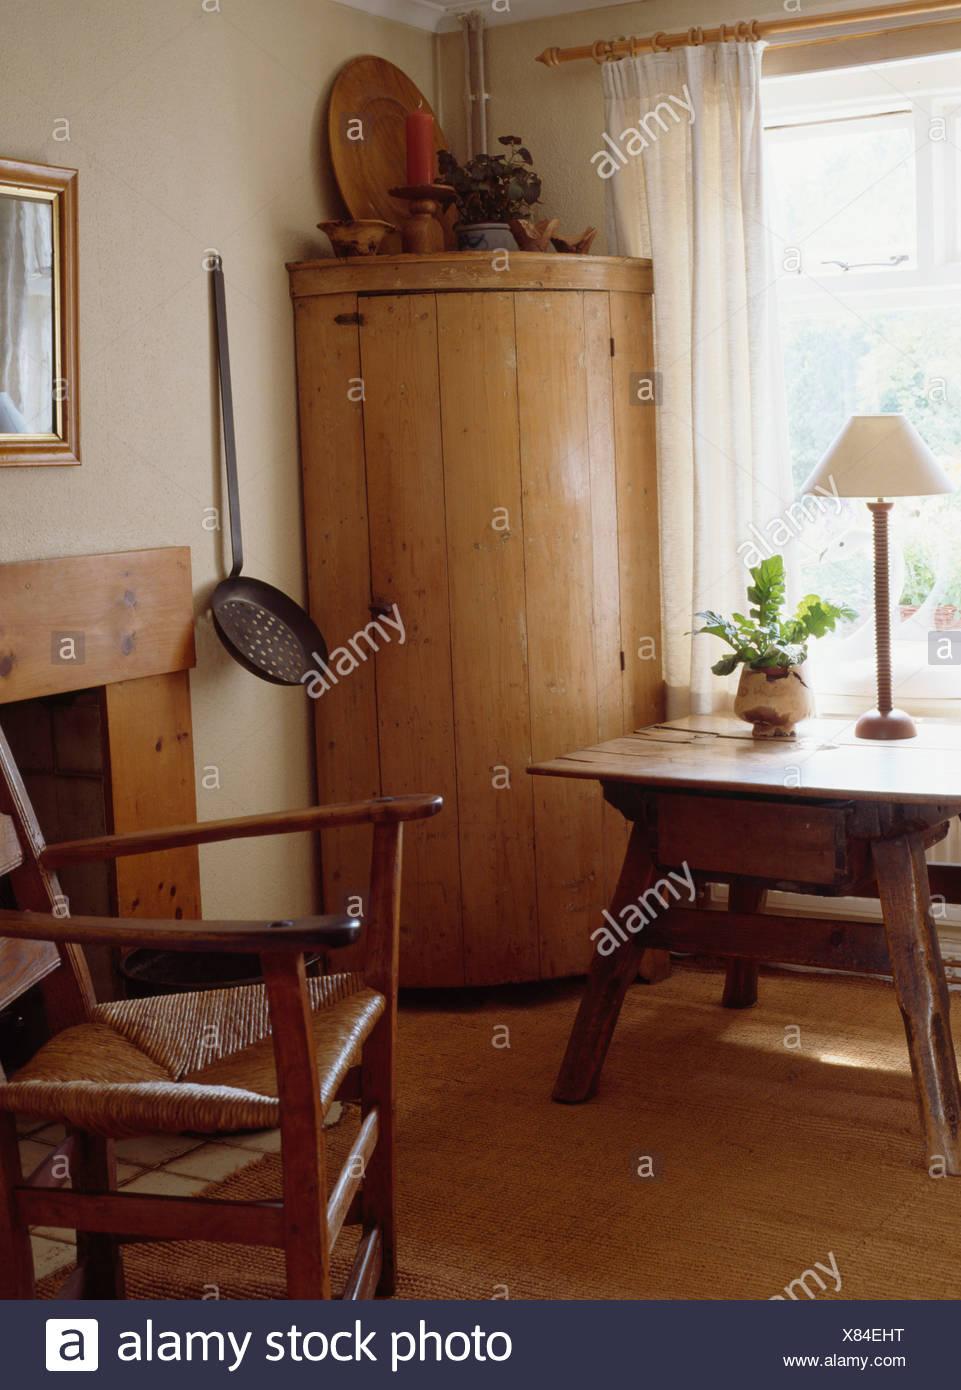 Merveilleux Panneaux Pin Antique Encoignure De Style Shaker Salle à Manger Avec Rush  Assis Une Chaise Et Du0027une Petite Table Ancienne